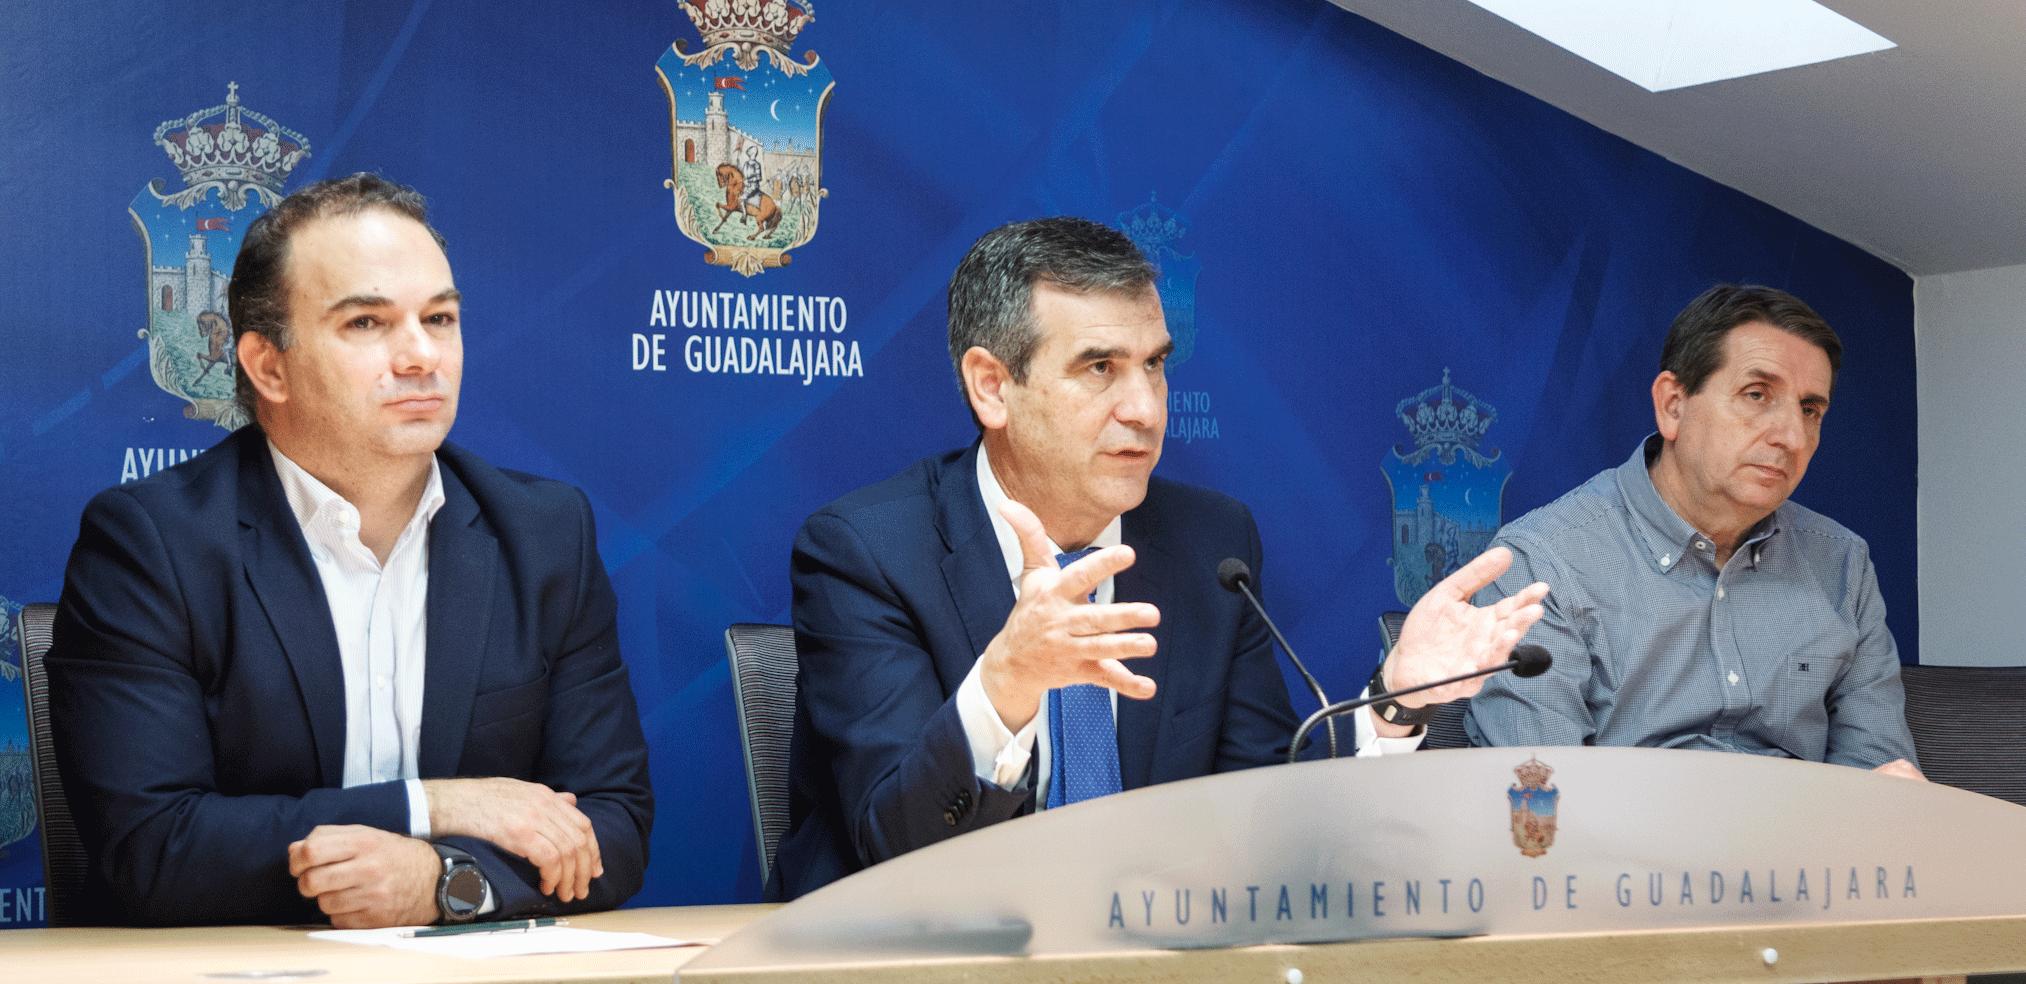 El Ayuntamiento de Guadalajara pone en marcha el proyecto de suministro e instalación de nueva iluminación en todas las instalaciones deportivas municipales